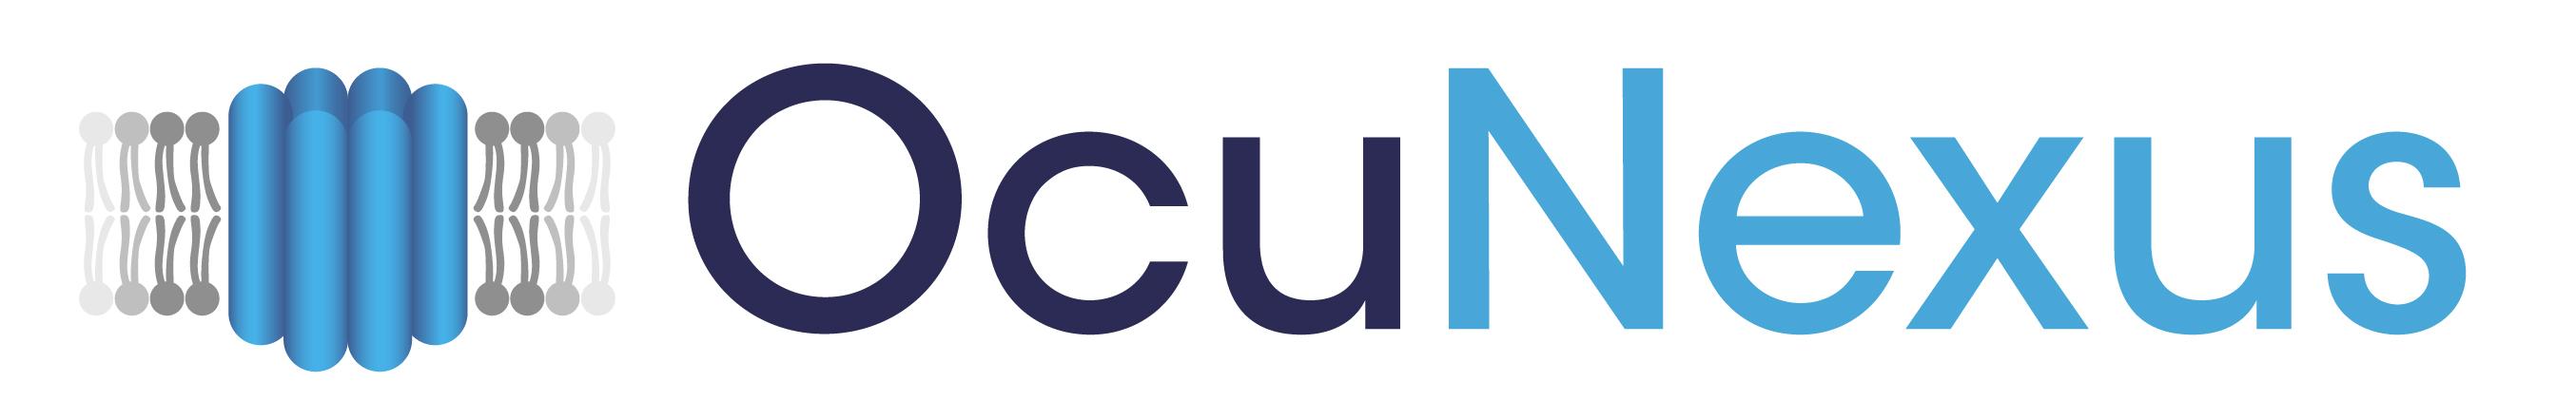 Ocunexus